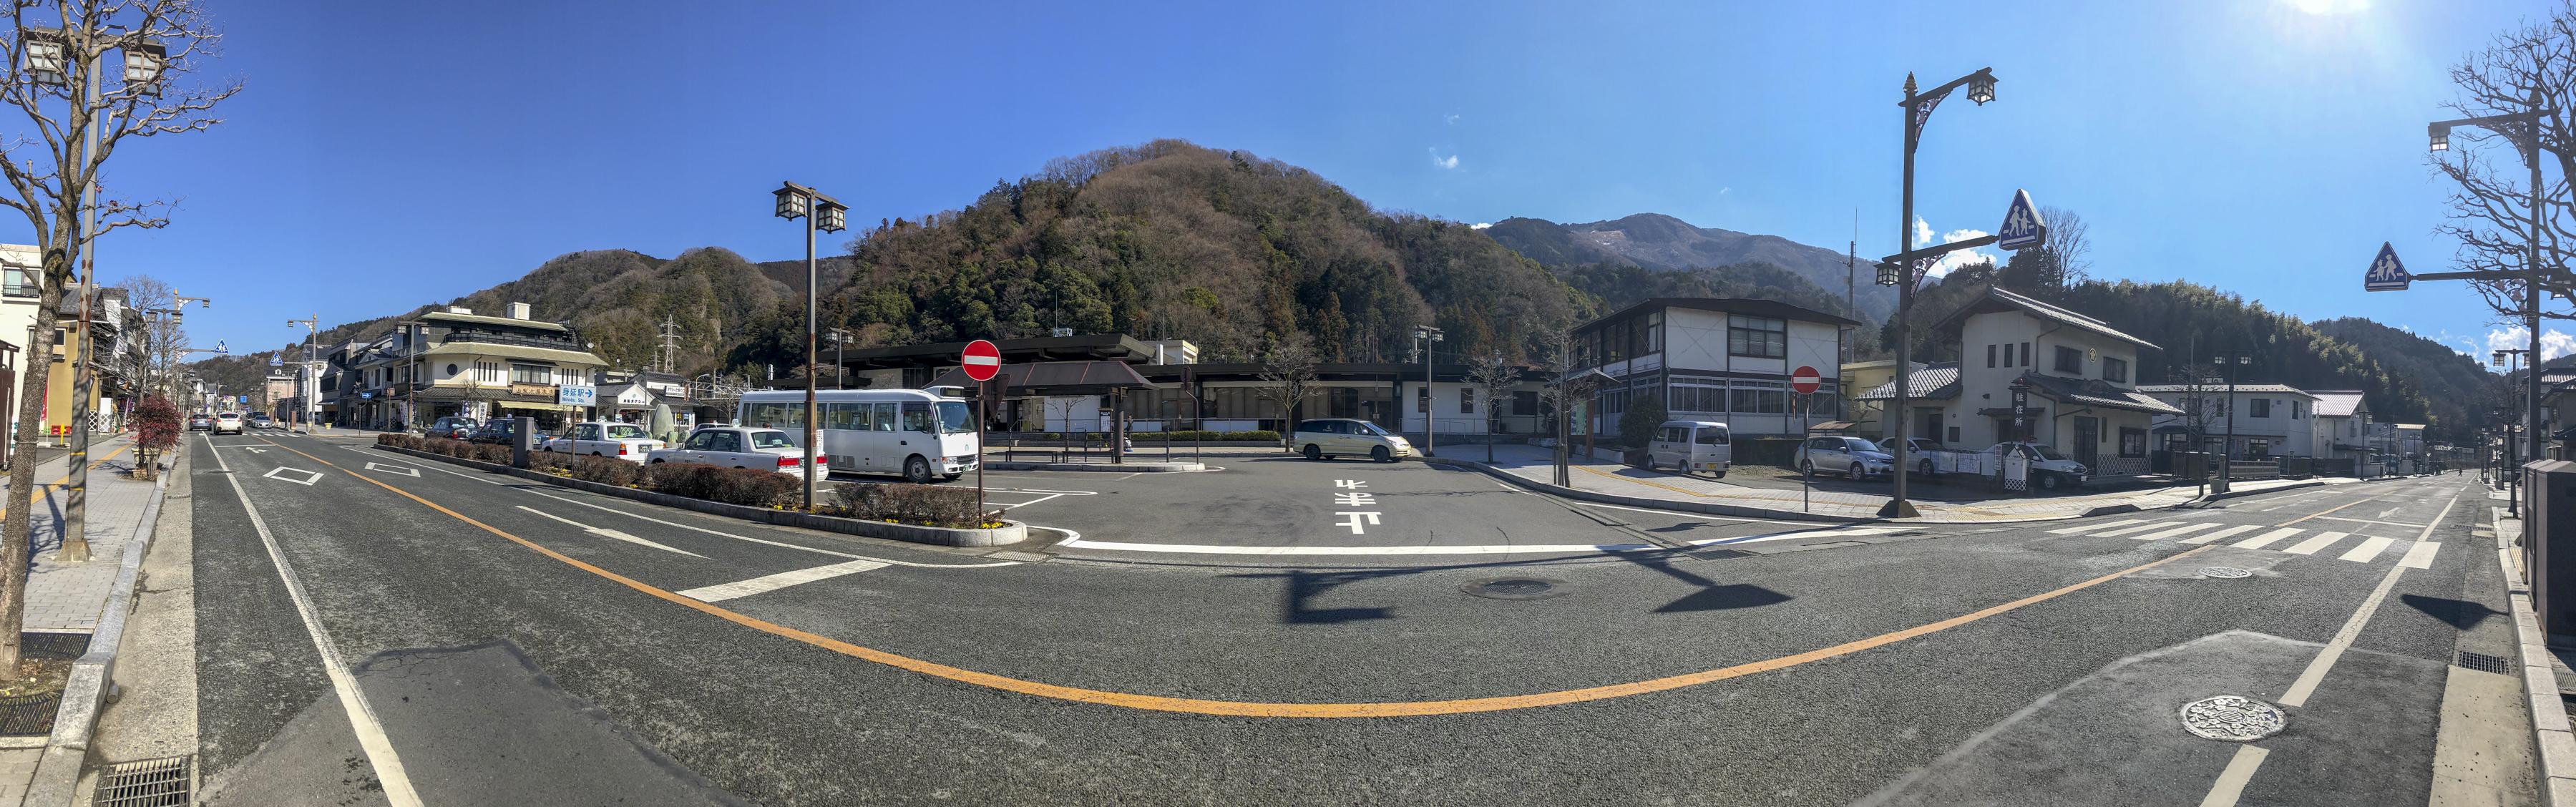 f:id:mitatowa:20180208214950j:plain